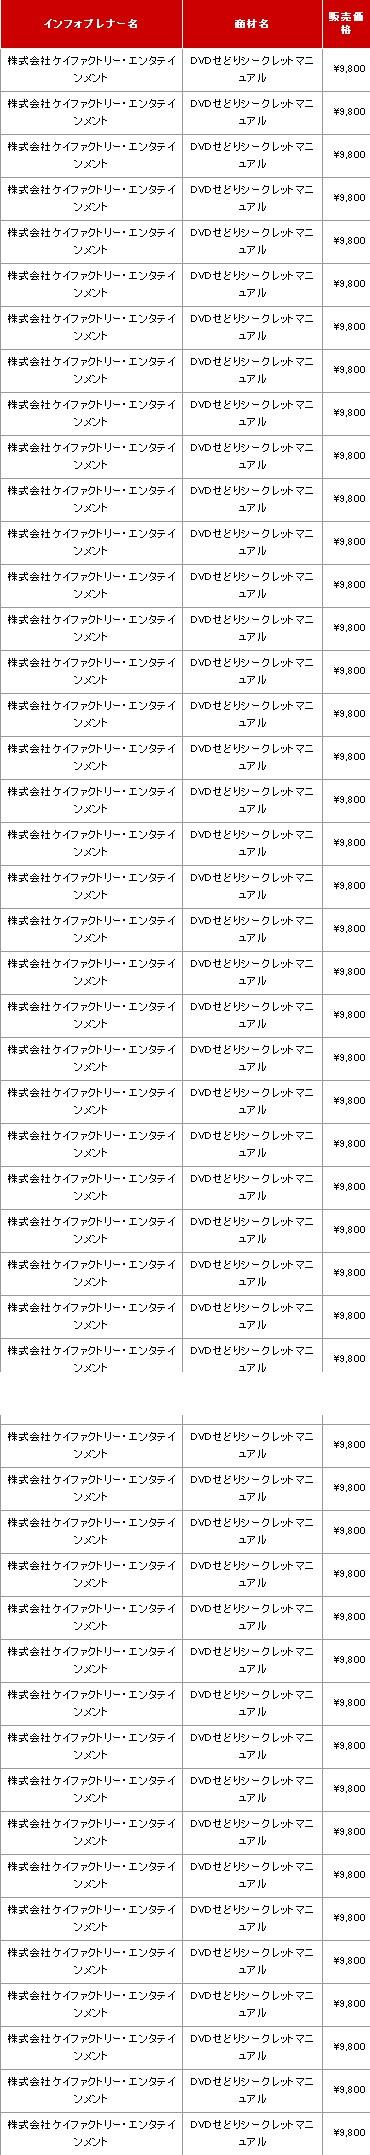 2012-08-07_182946.jpg